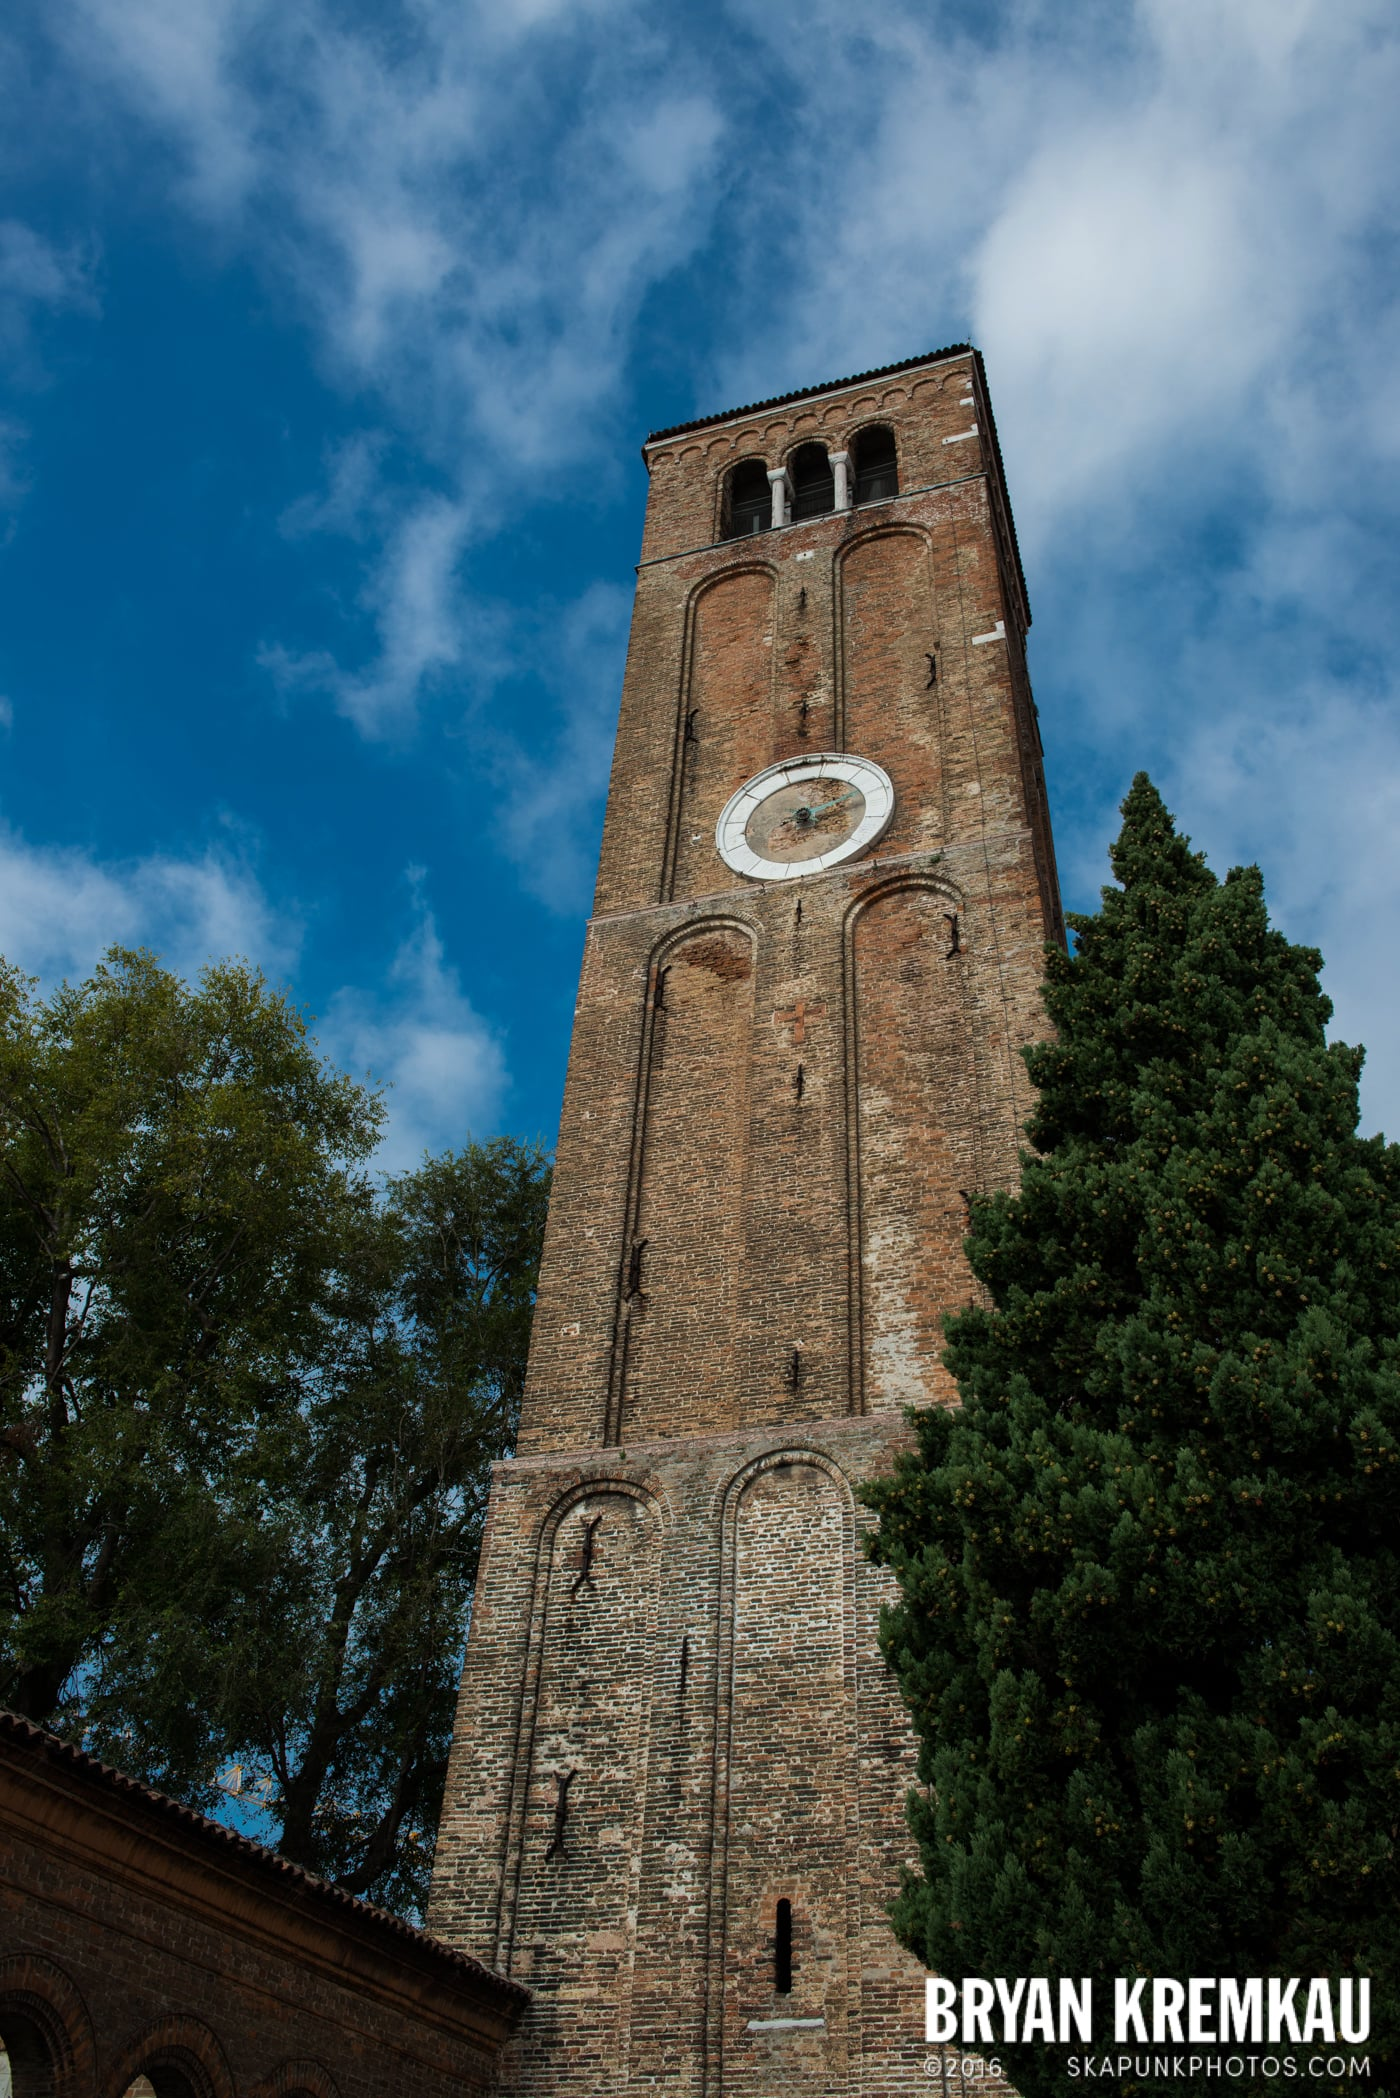 Italy Vacation - Day 6: Murano, Burano, Venice - 9.14.13 (87)